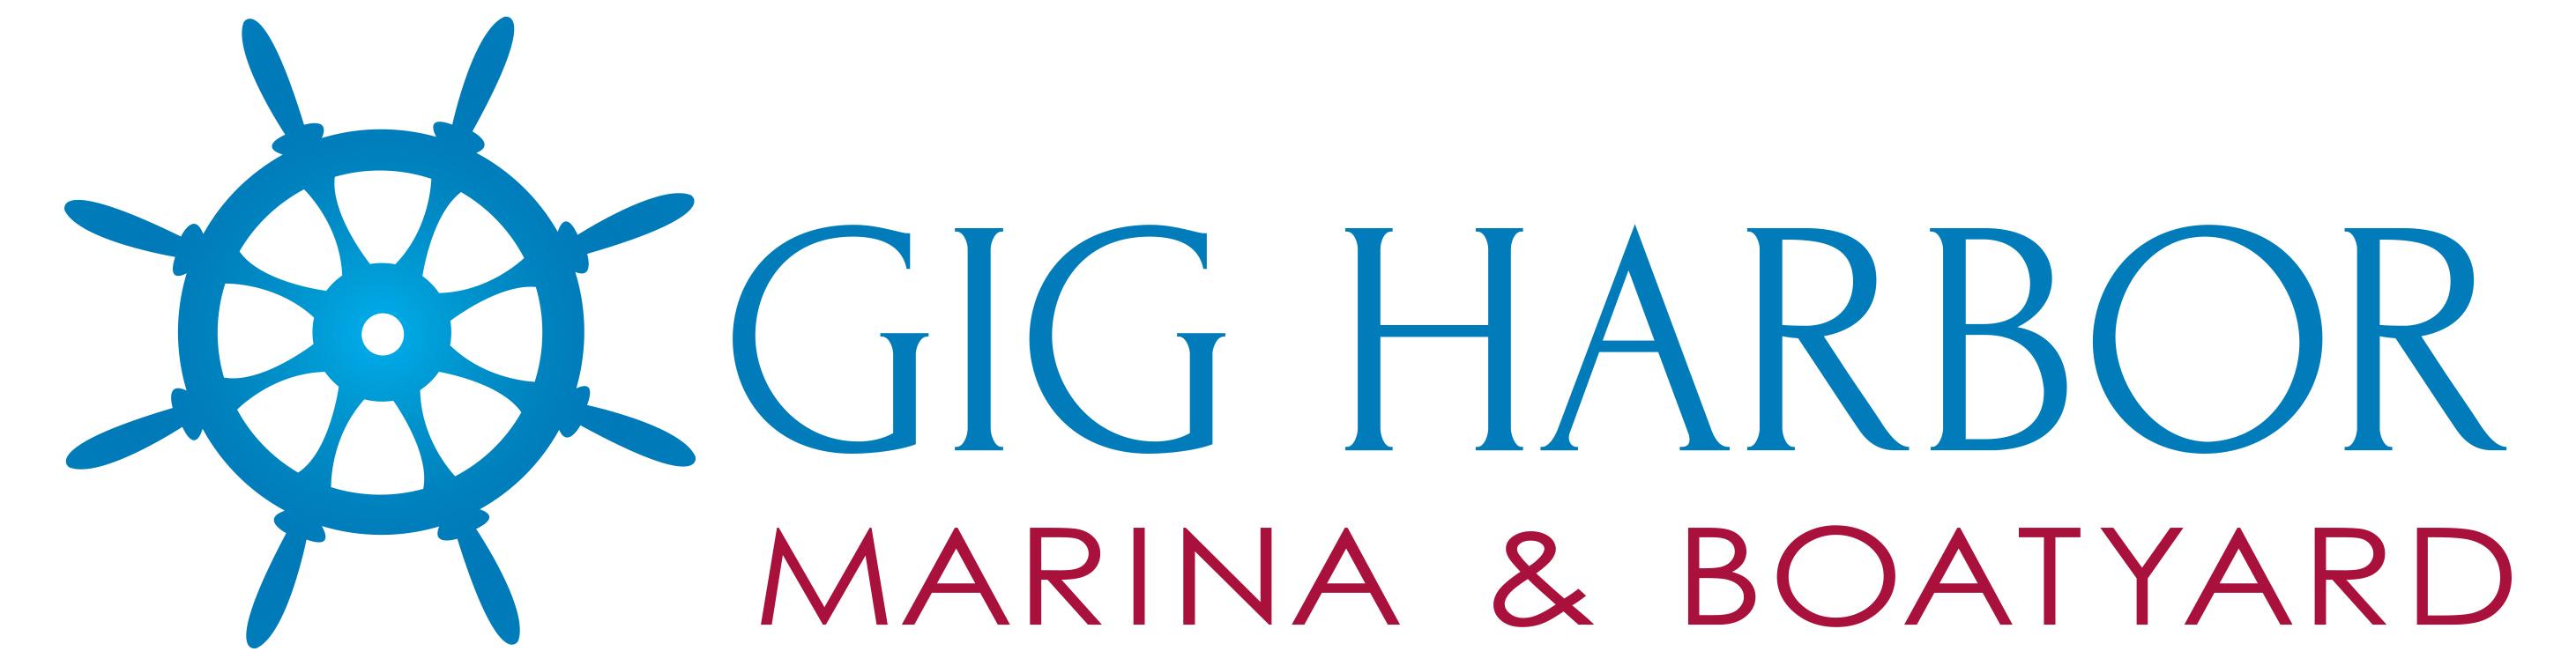 Gig Harbor Marina